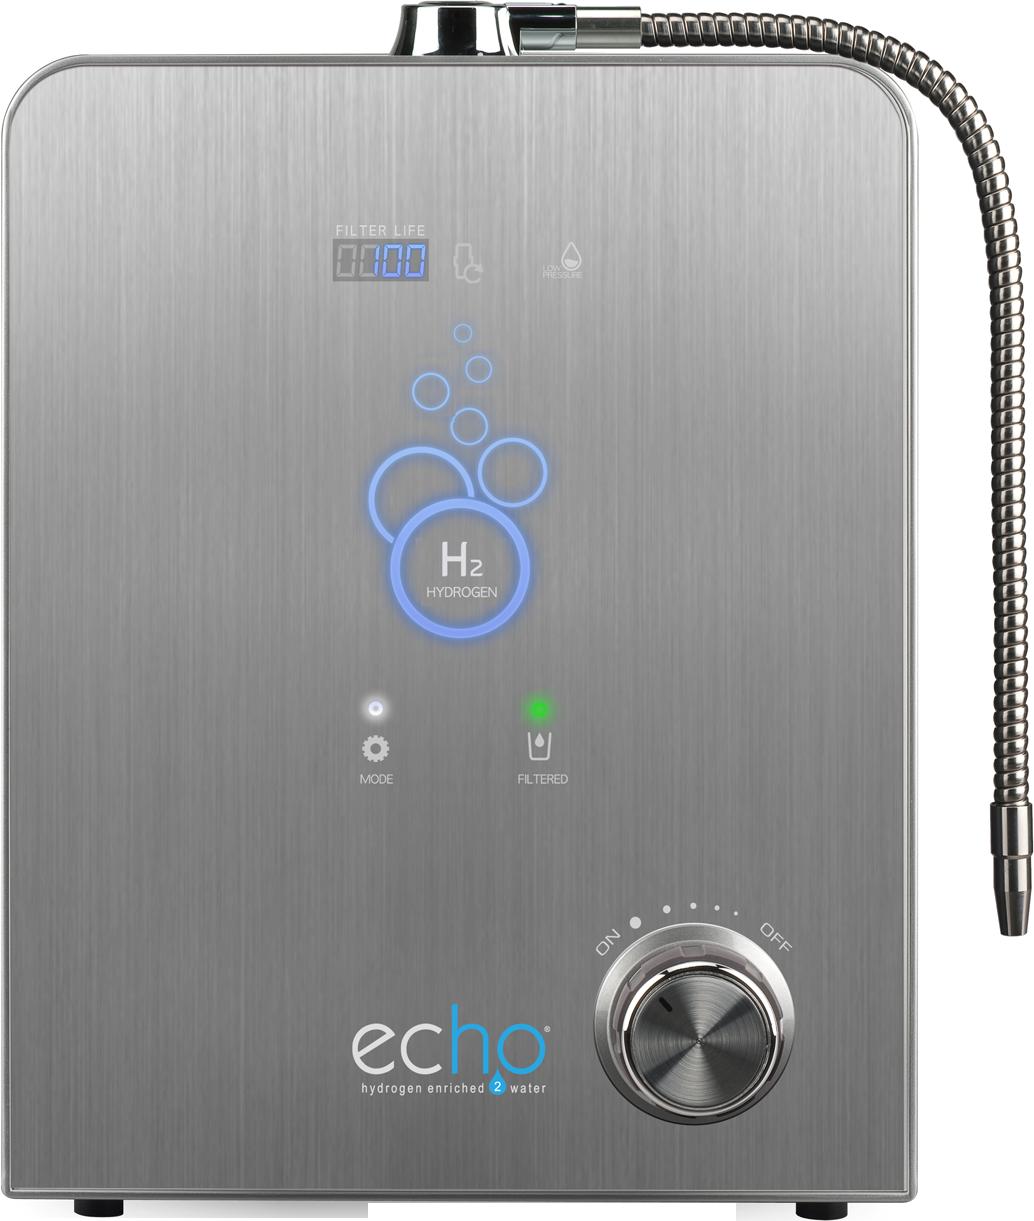 Echo H2 Machine - Hydrogen Water